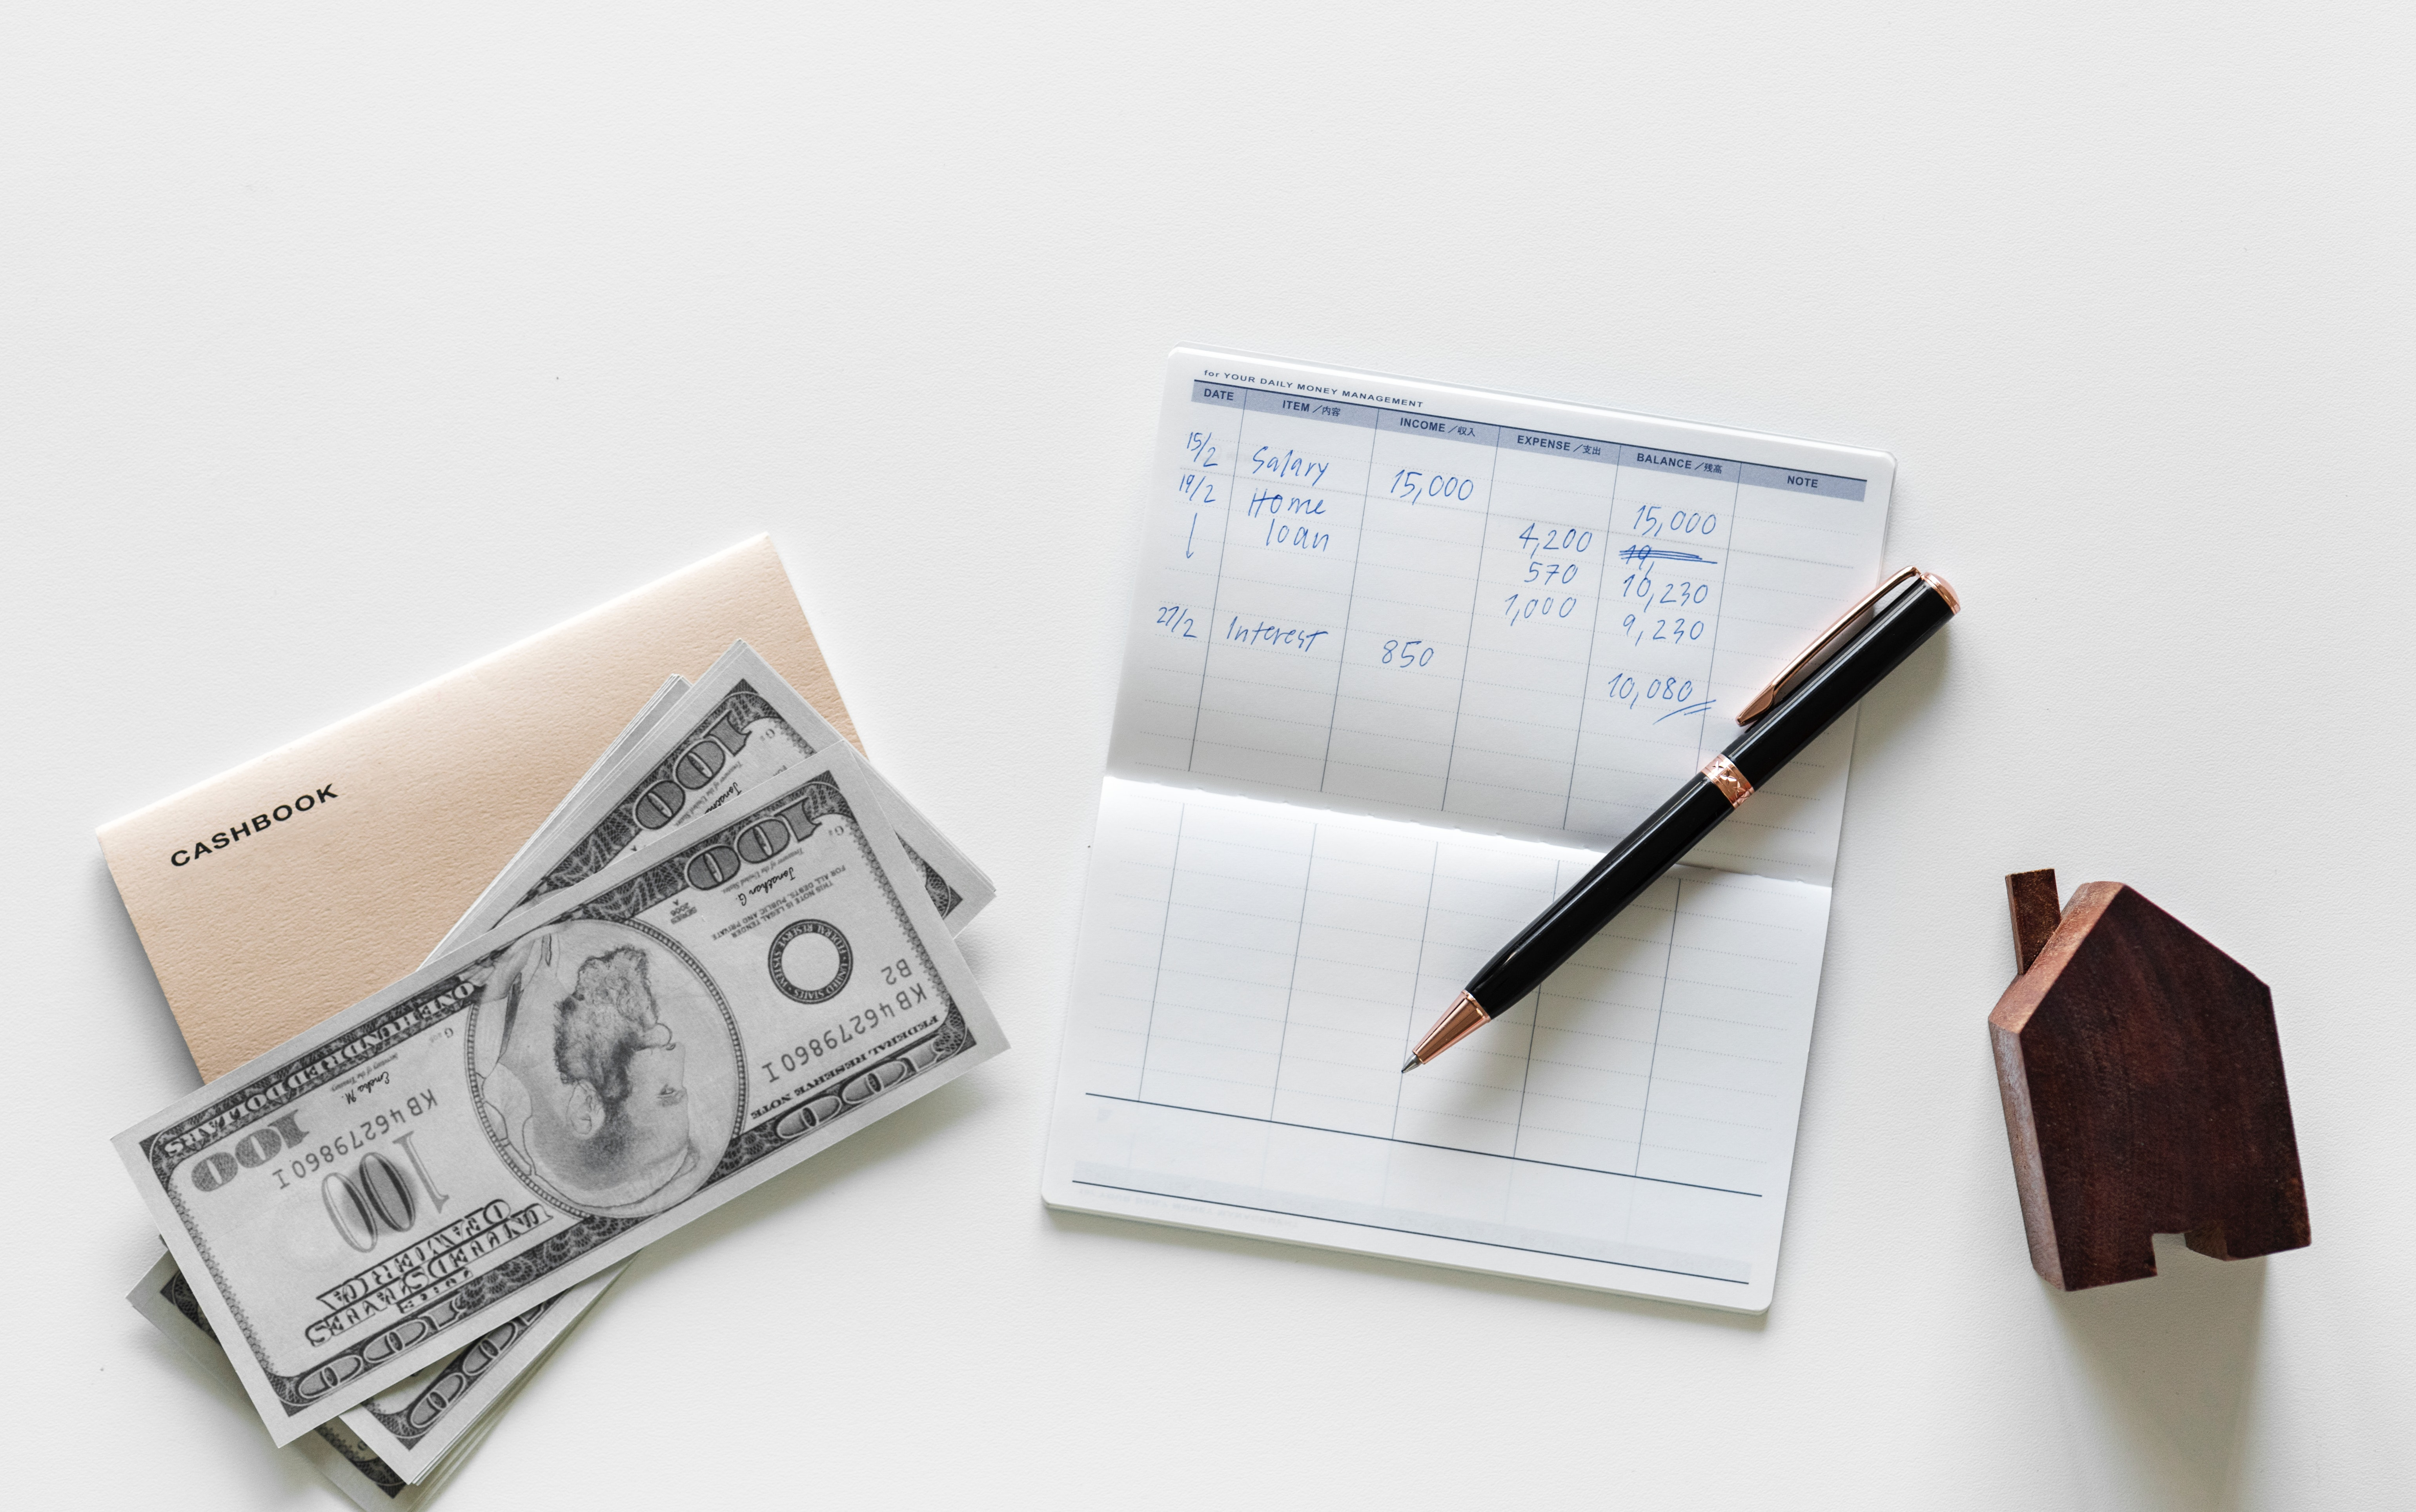 Làm thế nào để kiểm soát chi tiêu trong gia đình?